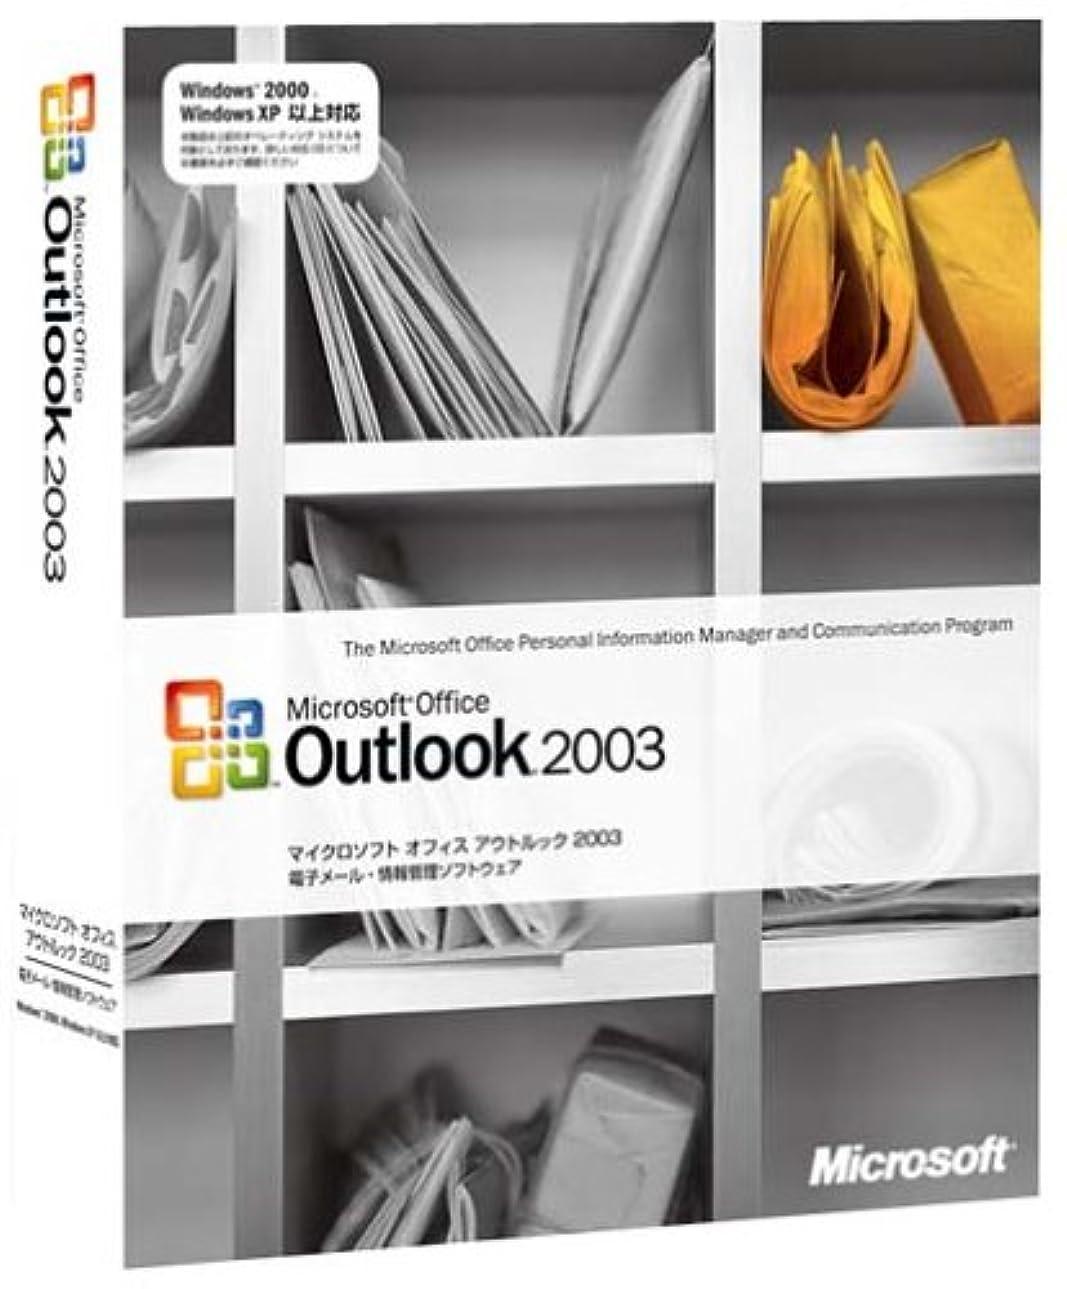 議会平らなボイド【旧商品/サポート終了】Microsoft Office Outlook 2003